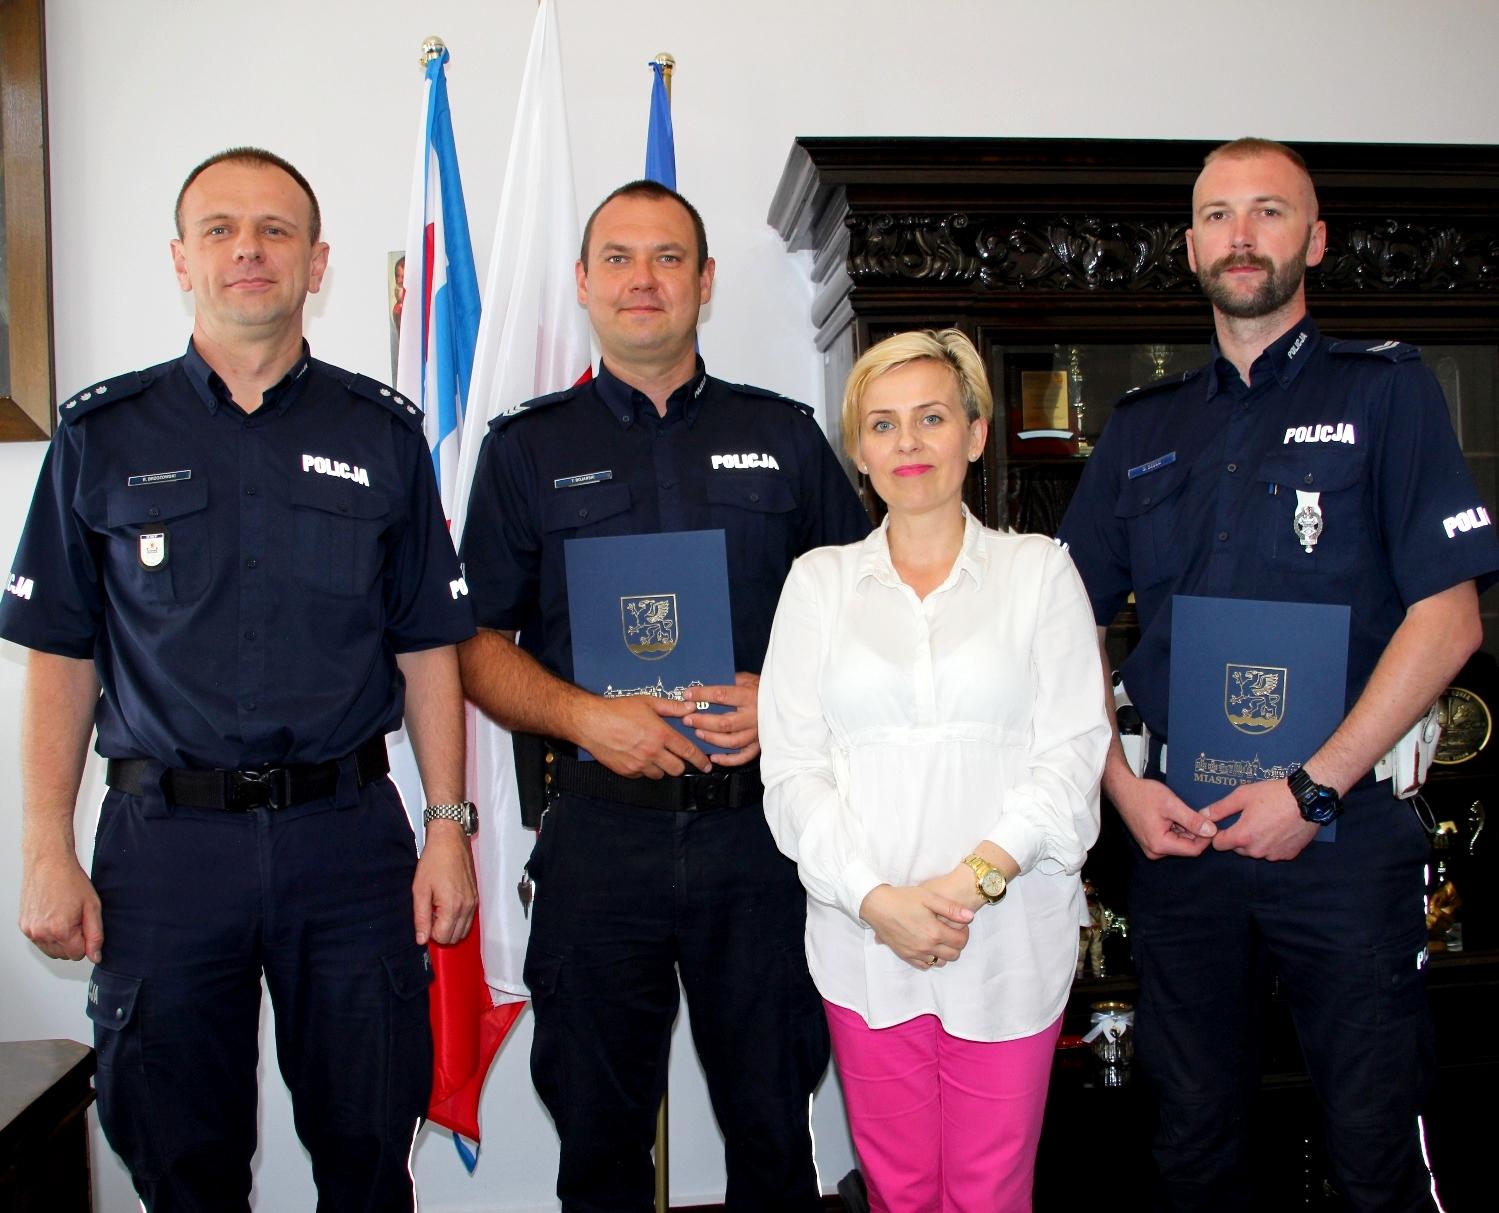 Policjanci ocalili życie dziecka. Burmistrz Białogardu złożyła podziękowania, Miasto Białogard